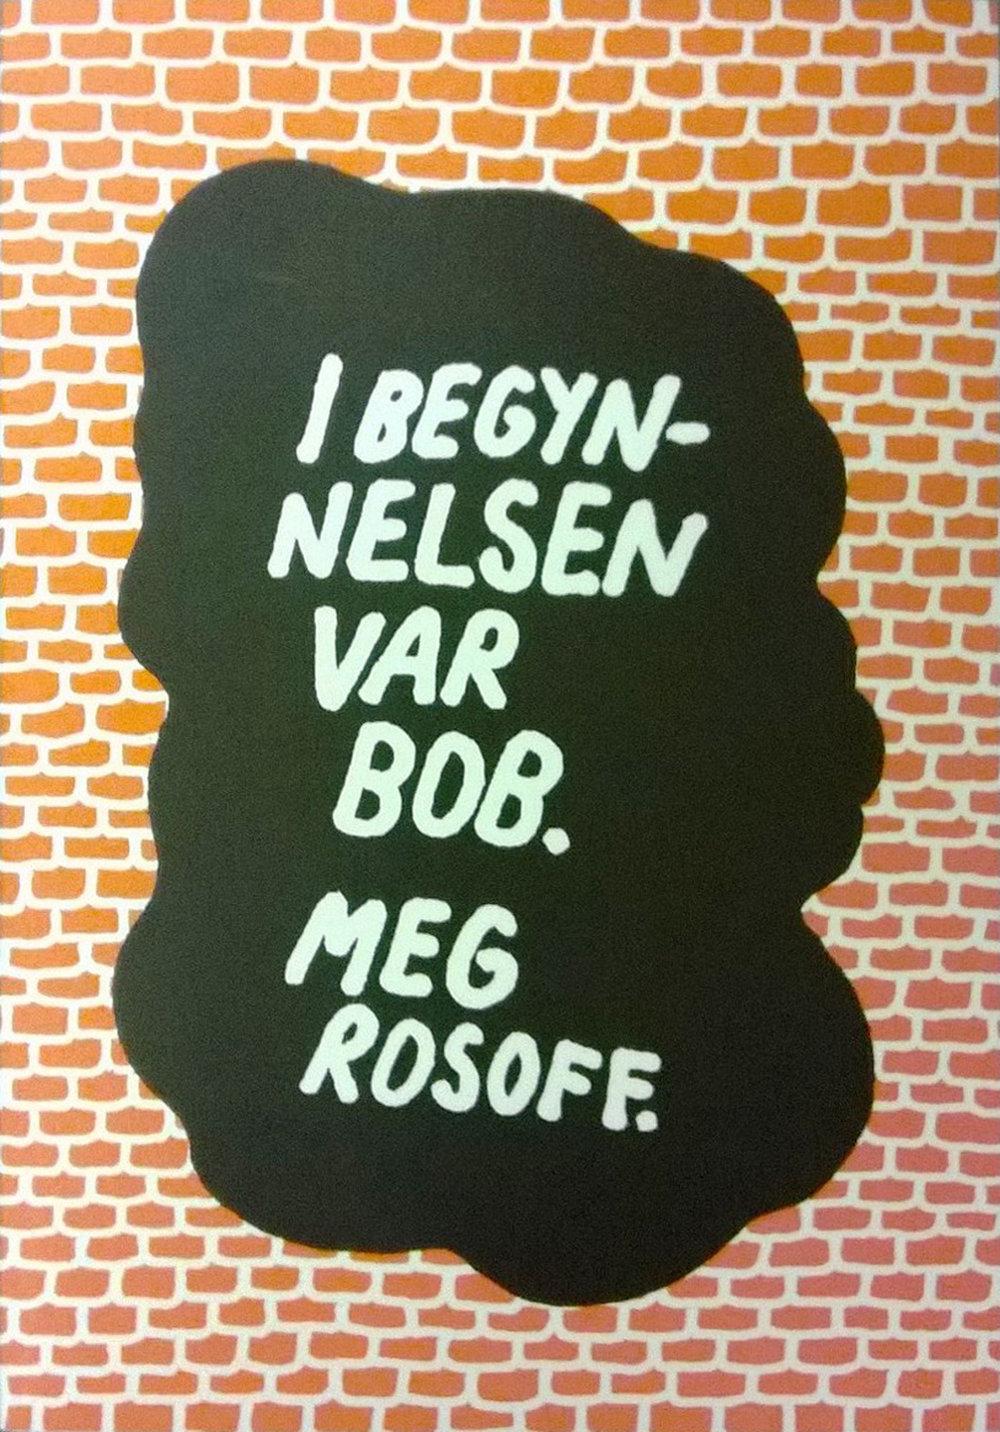 Meg-Rosoff---There-Is-No-Dog---I-Begynnelsen-Var-Bob.jpg